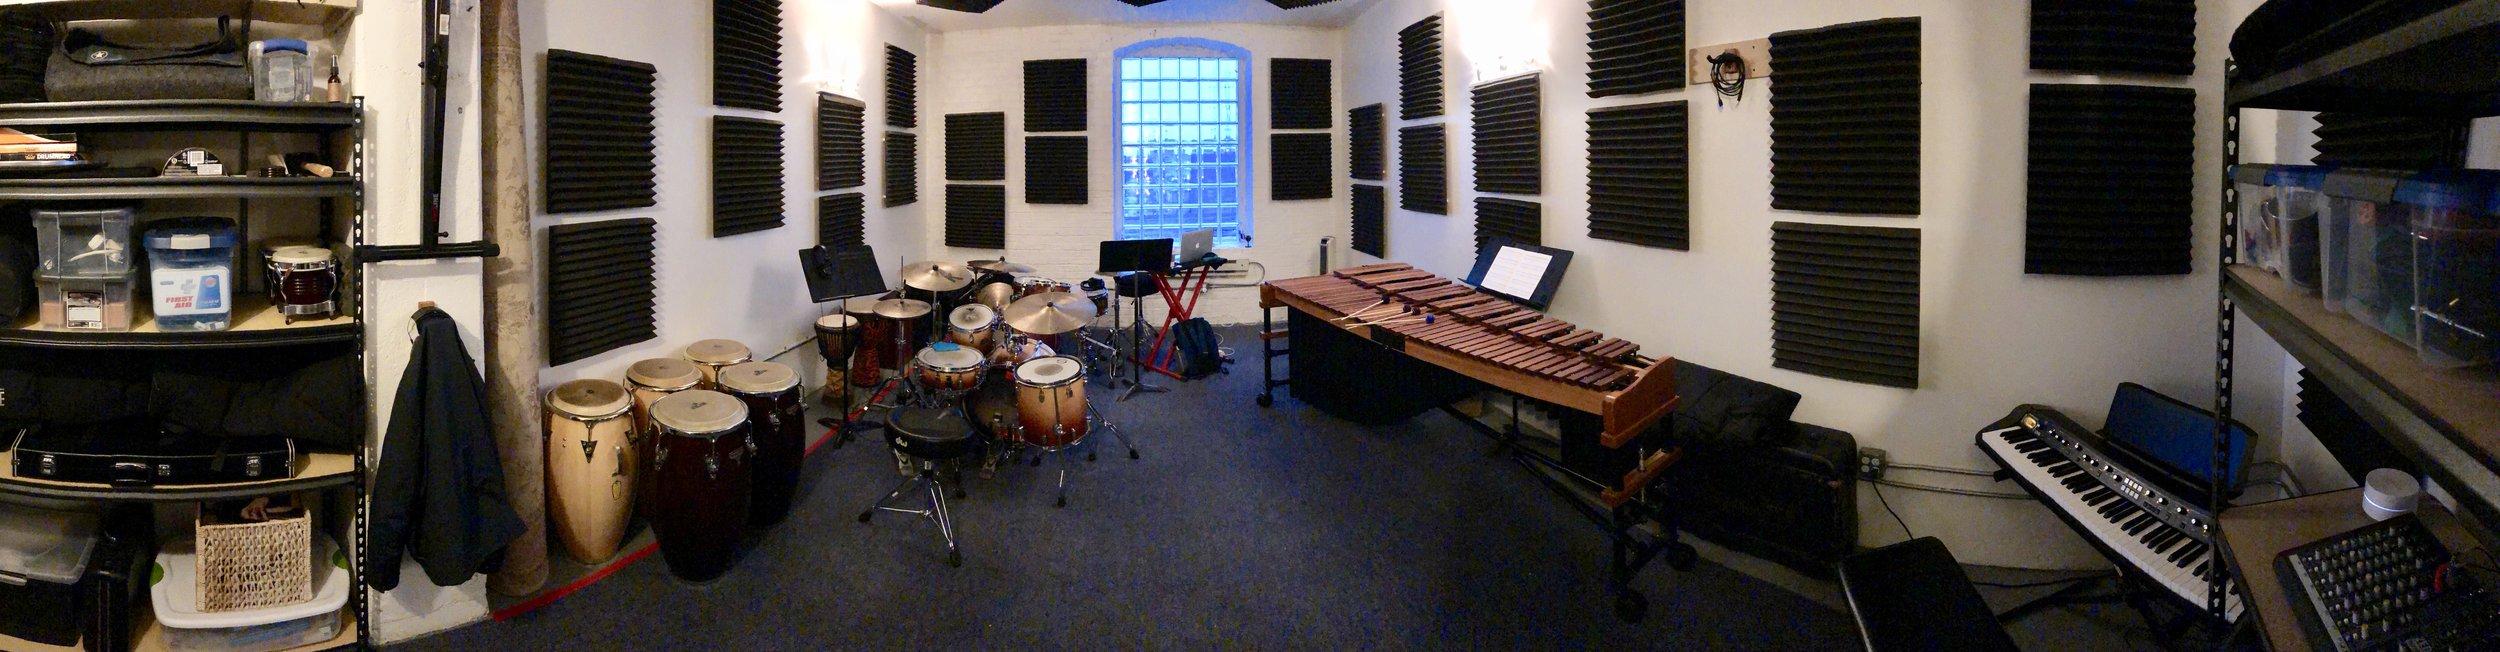 Chicago Percussion Lessons Studio